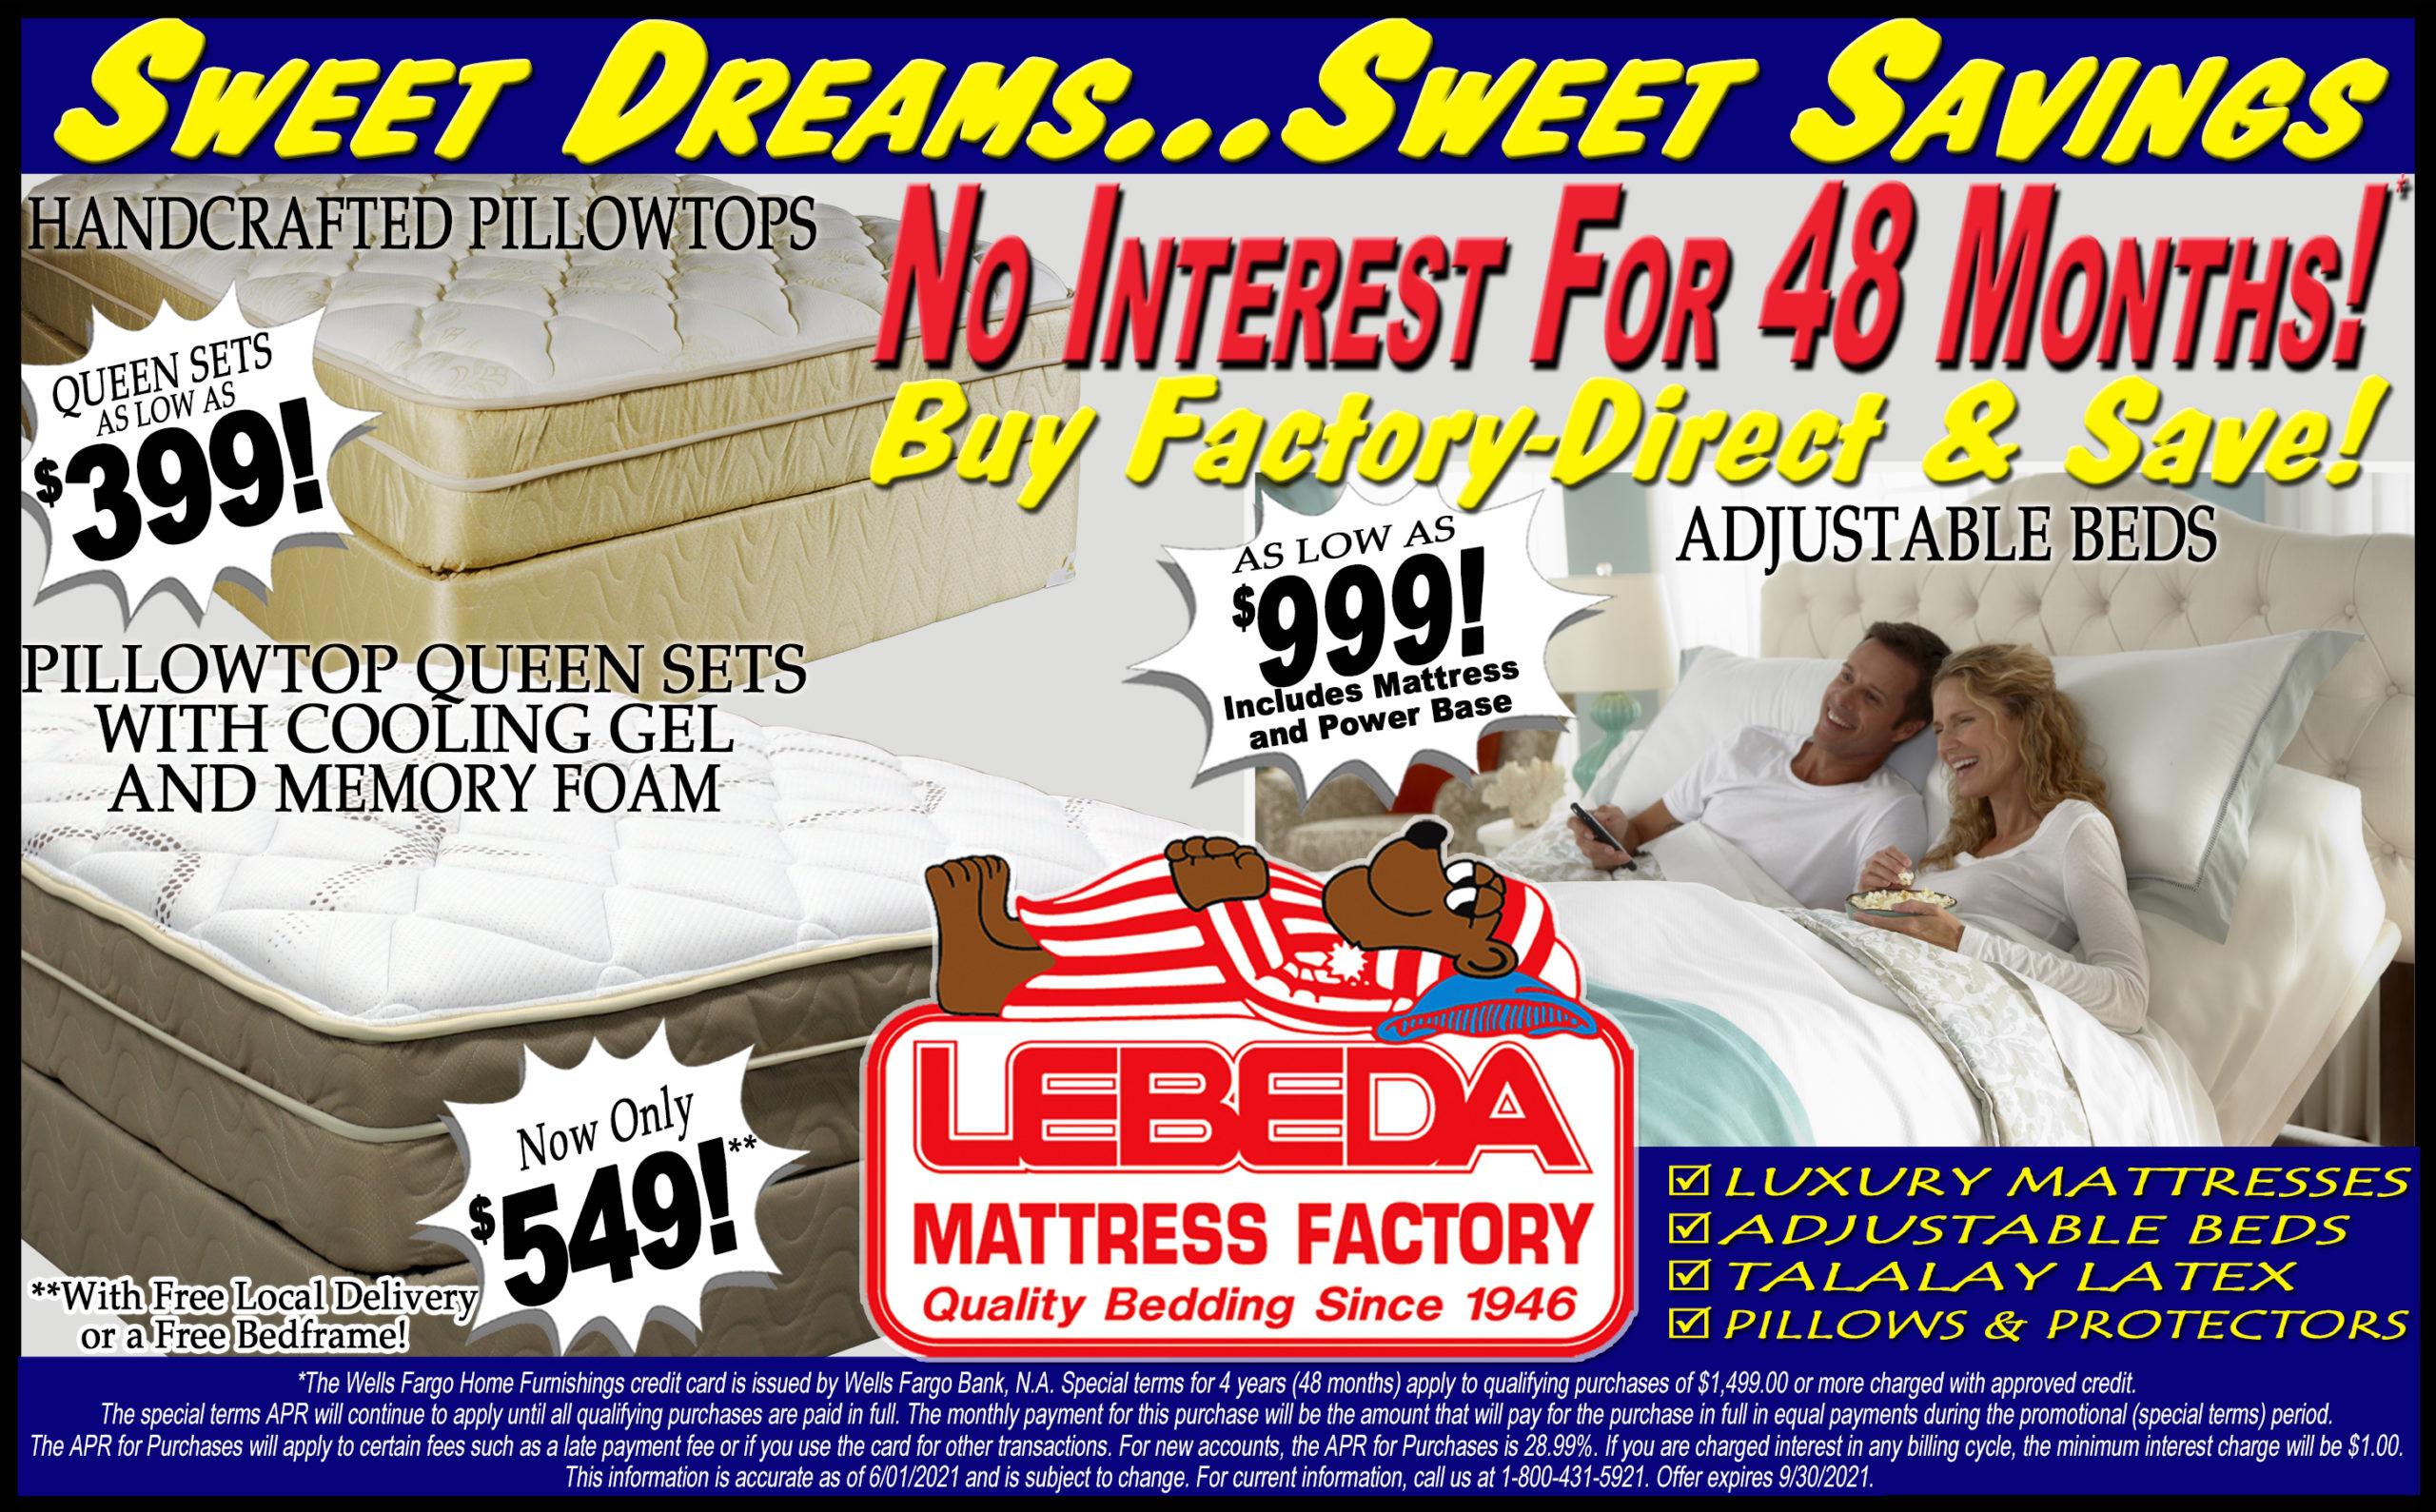 Sweet Dreams... Sweet Savings!